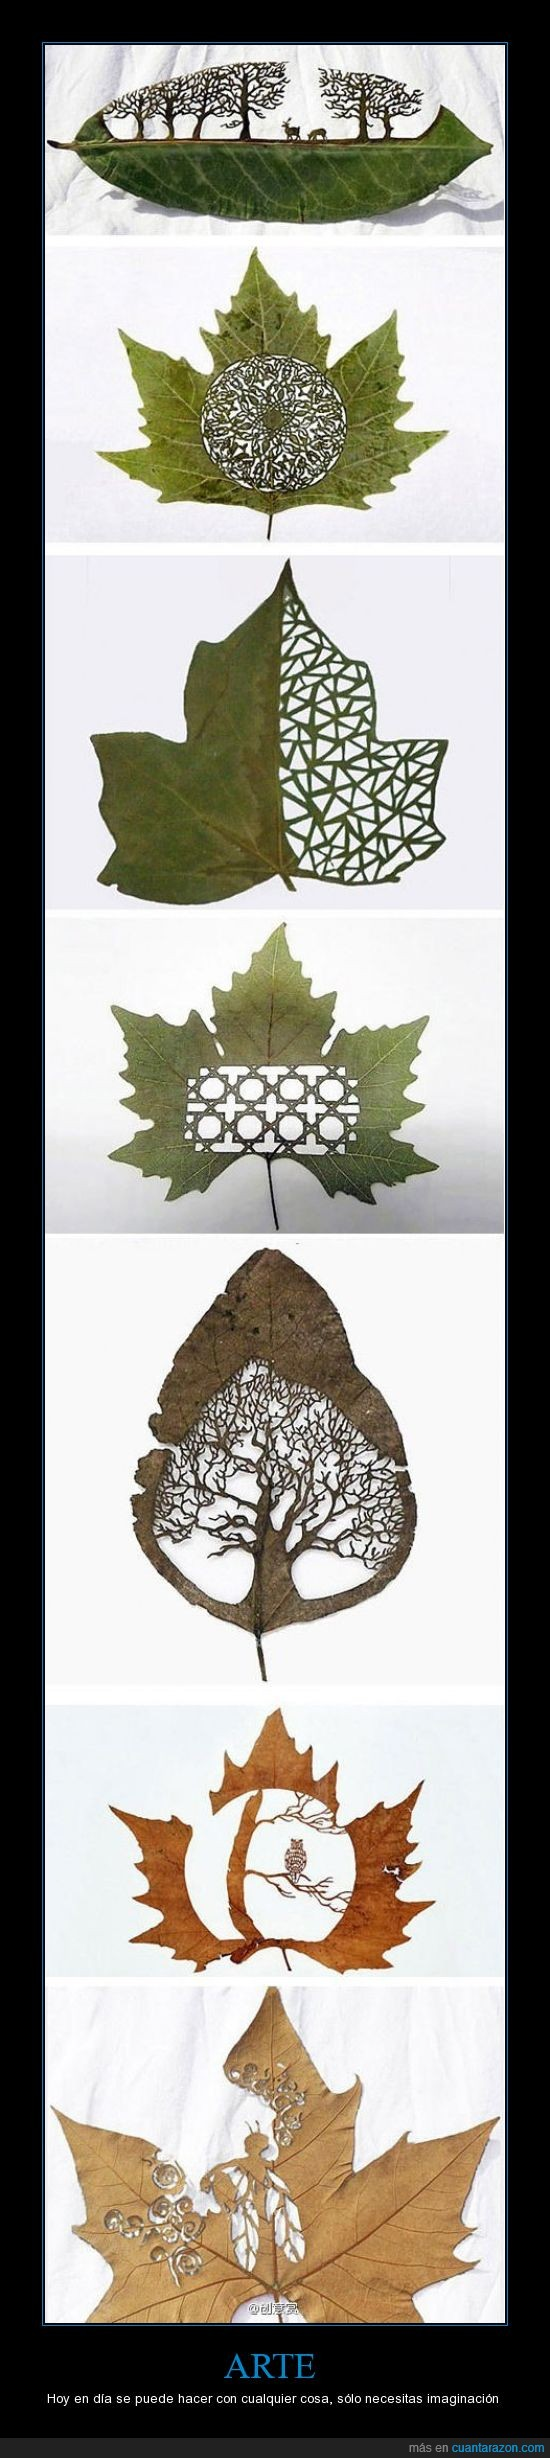 artes,corta,forma,hojas,imaginación,lorenzo duran